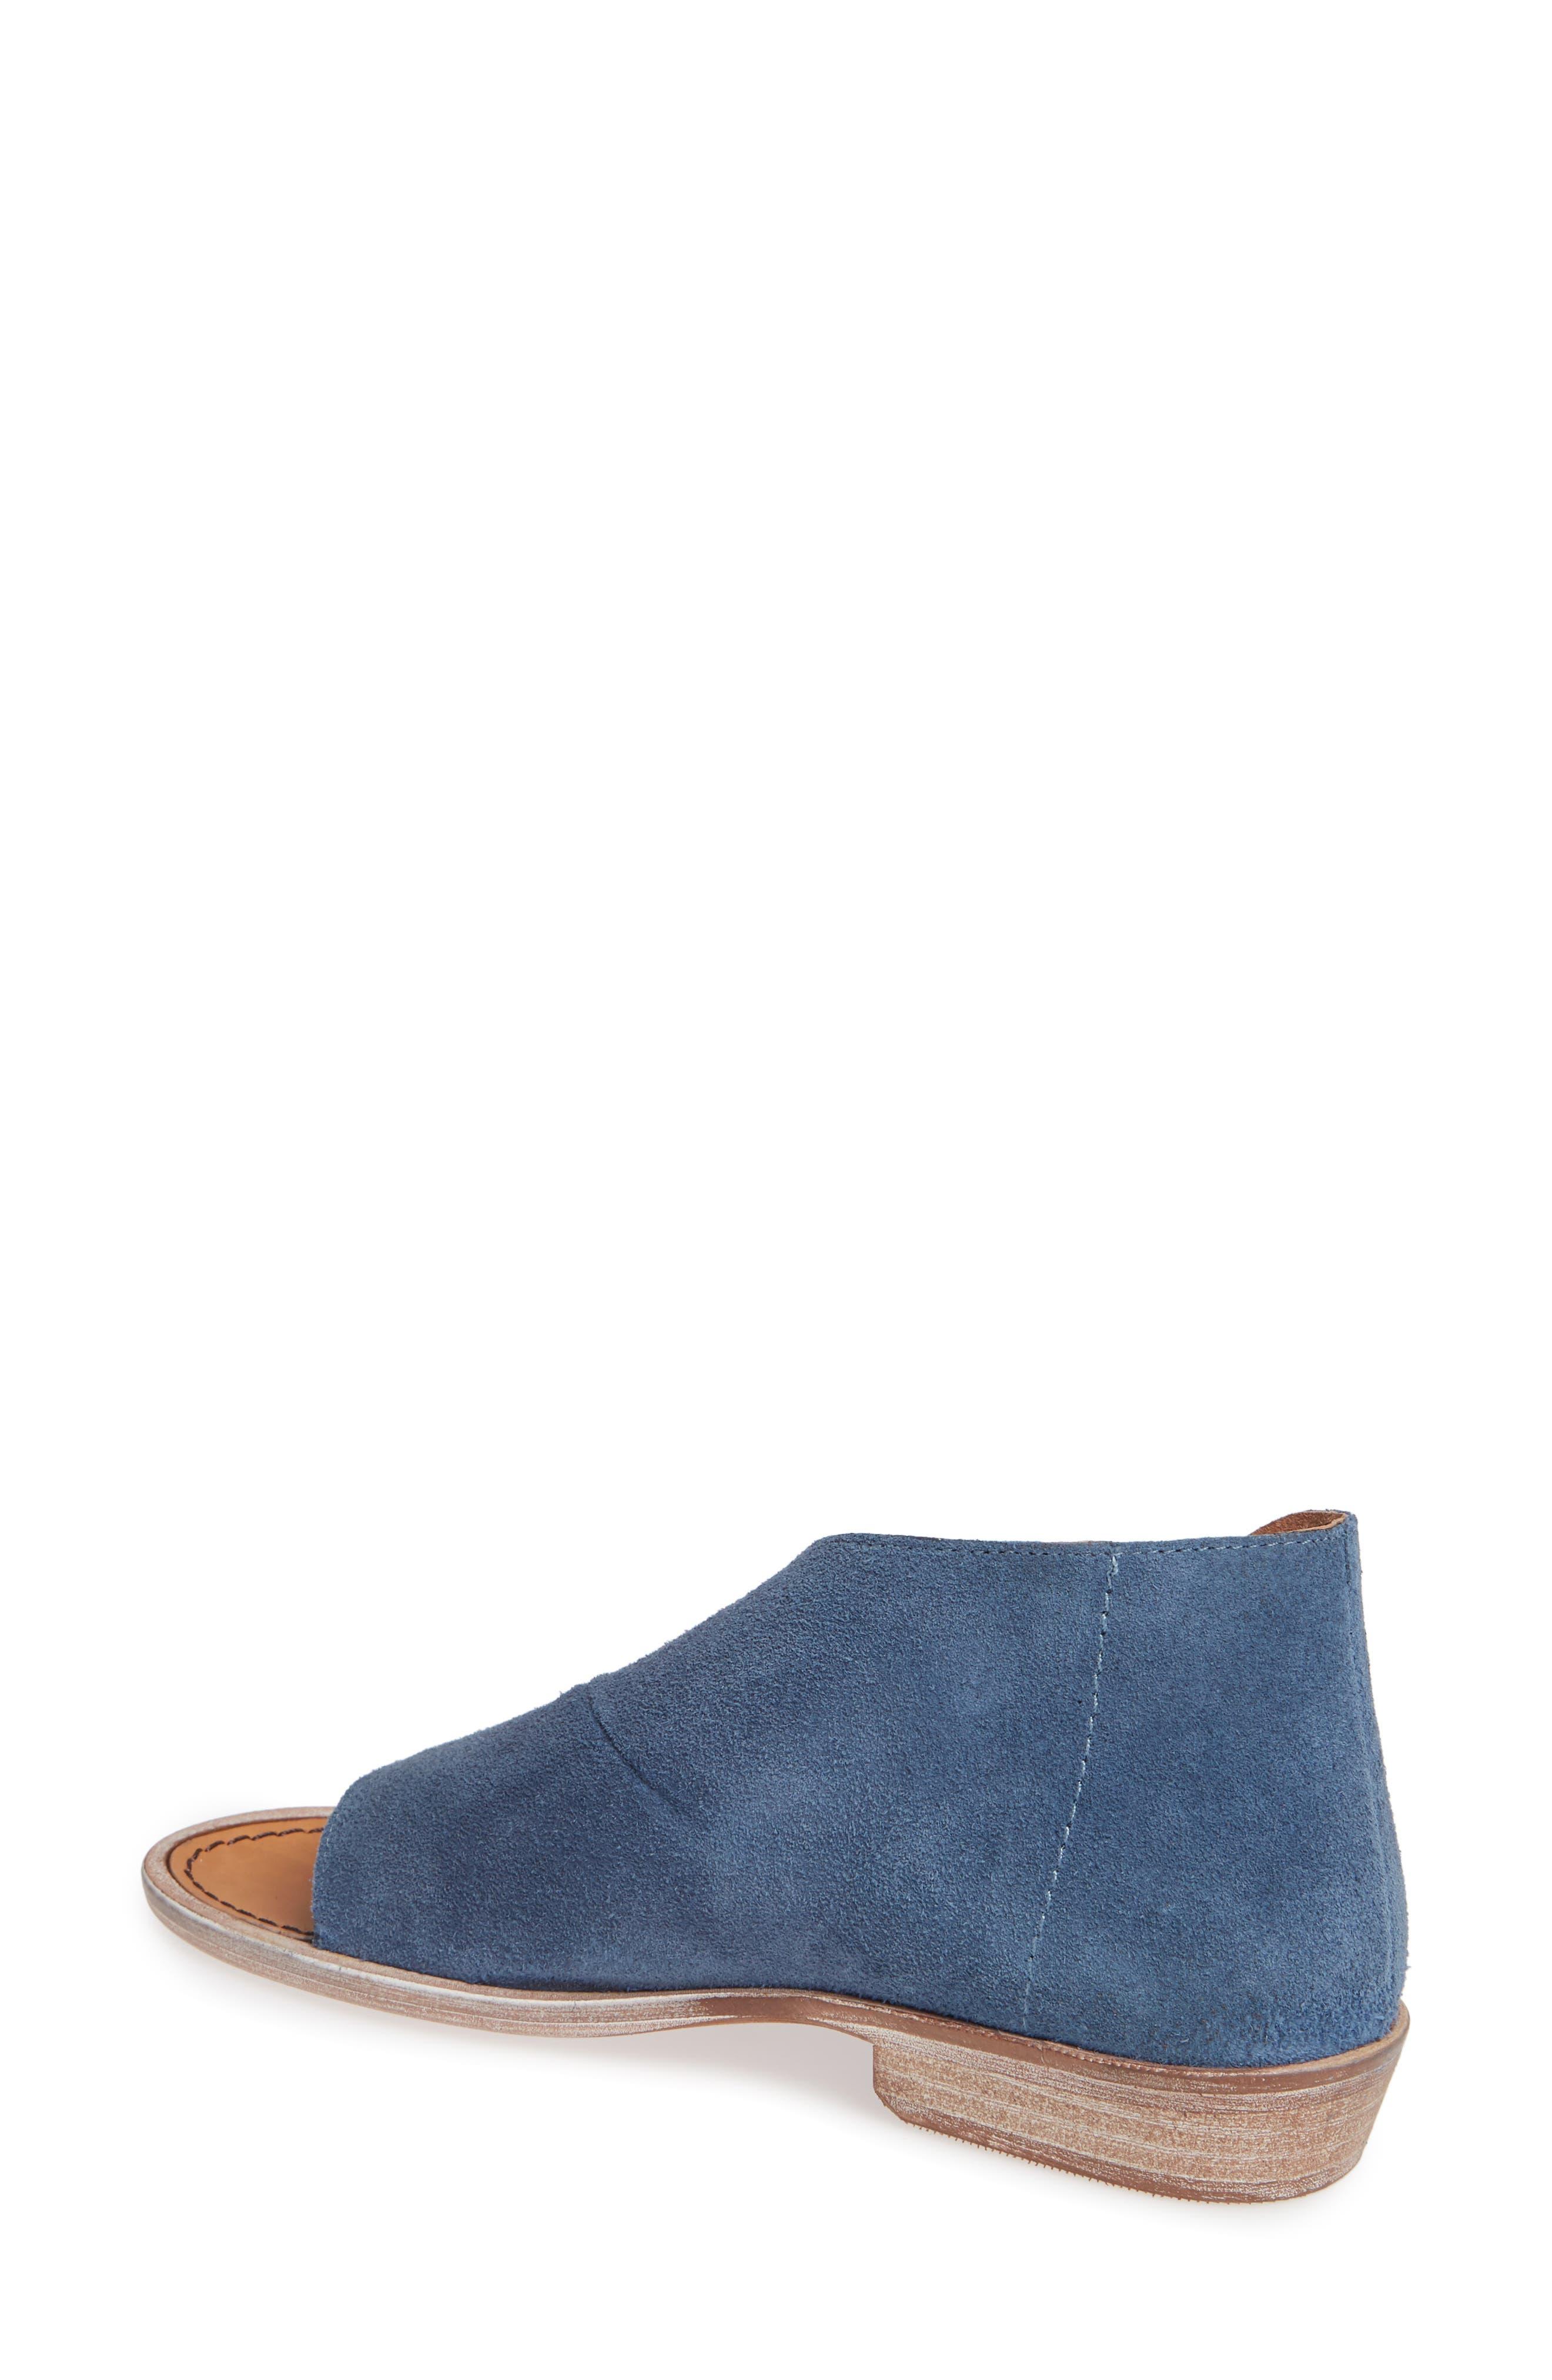 'Mont Blanc' Asymmetrical Sandal,                             Alternate thumbnail 2, color,                             BLUE SUEDE